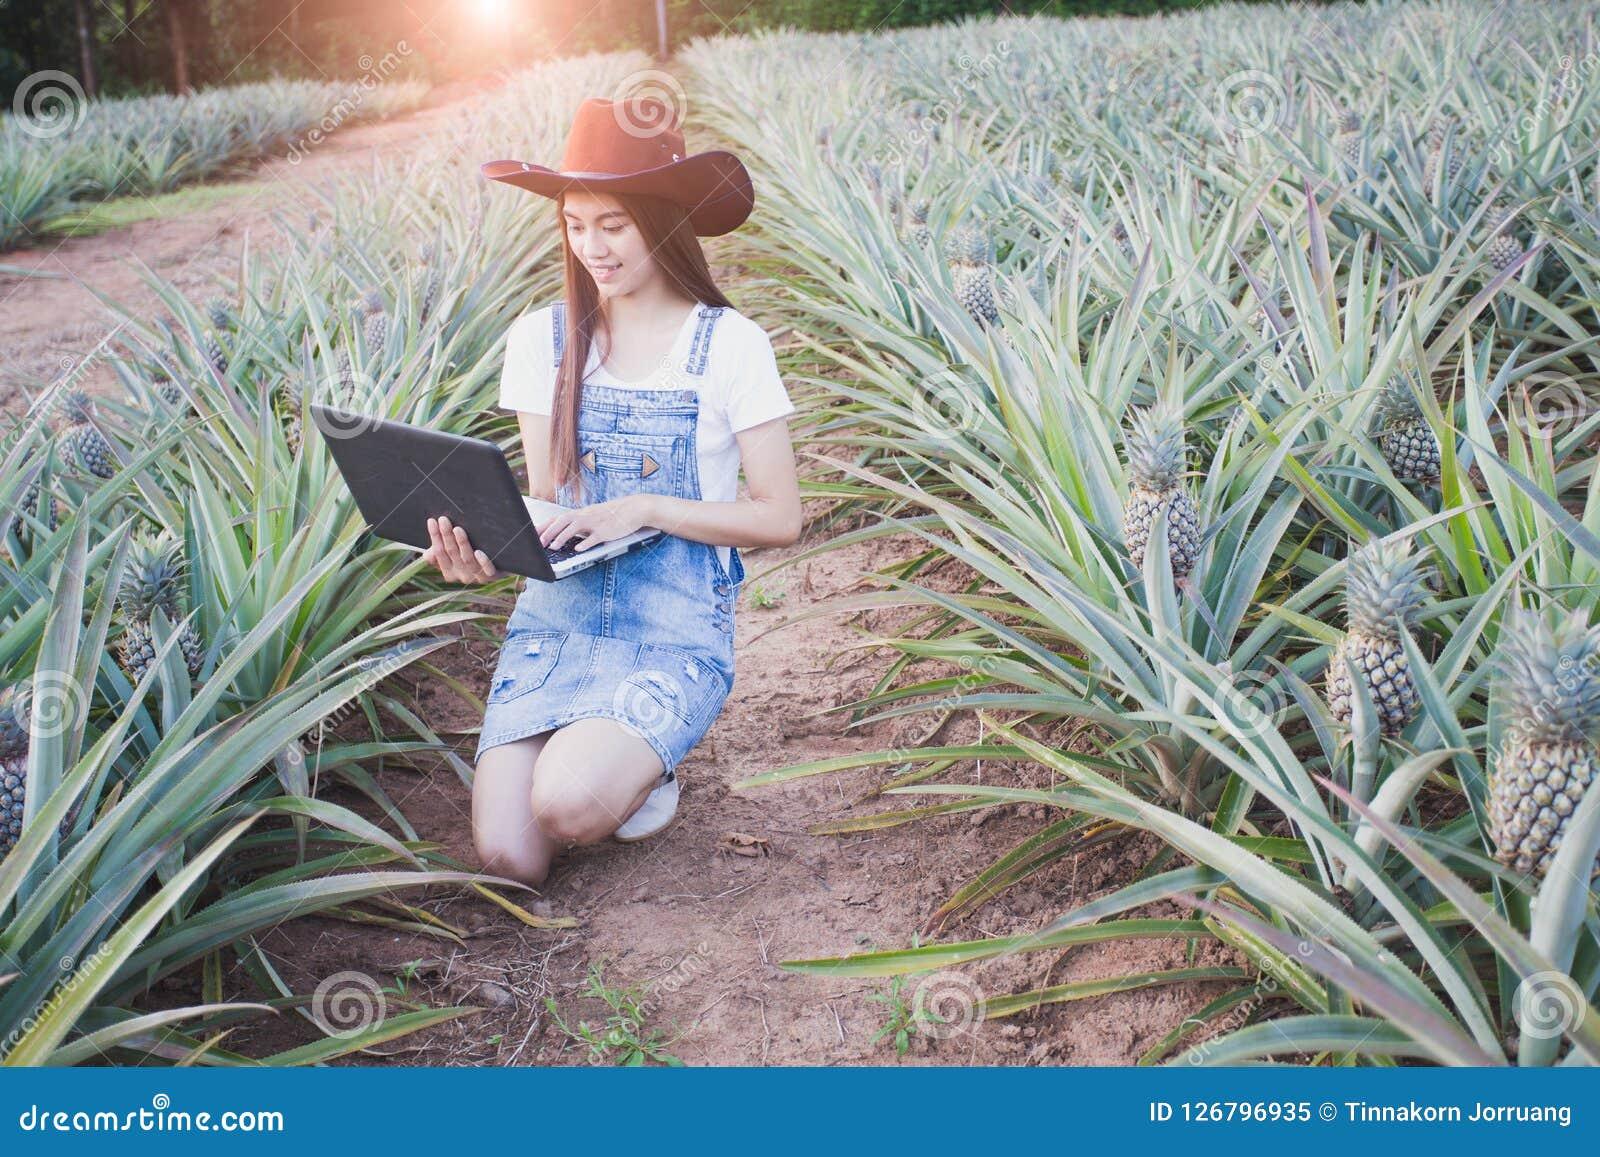 Jordbruks- forskare studerar tillväxten av ananas pl